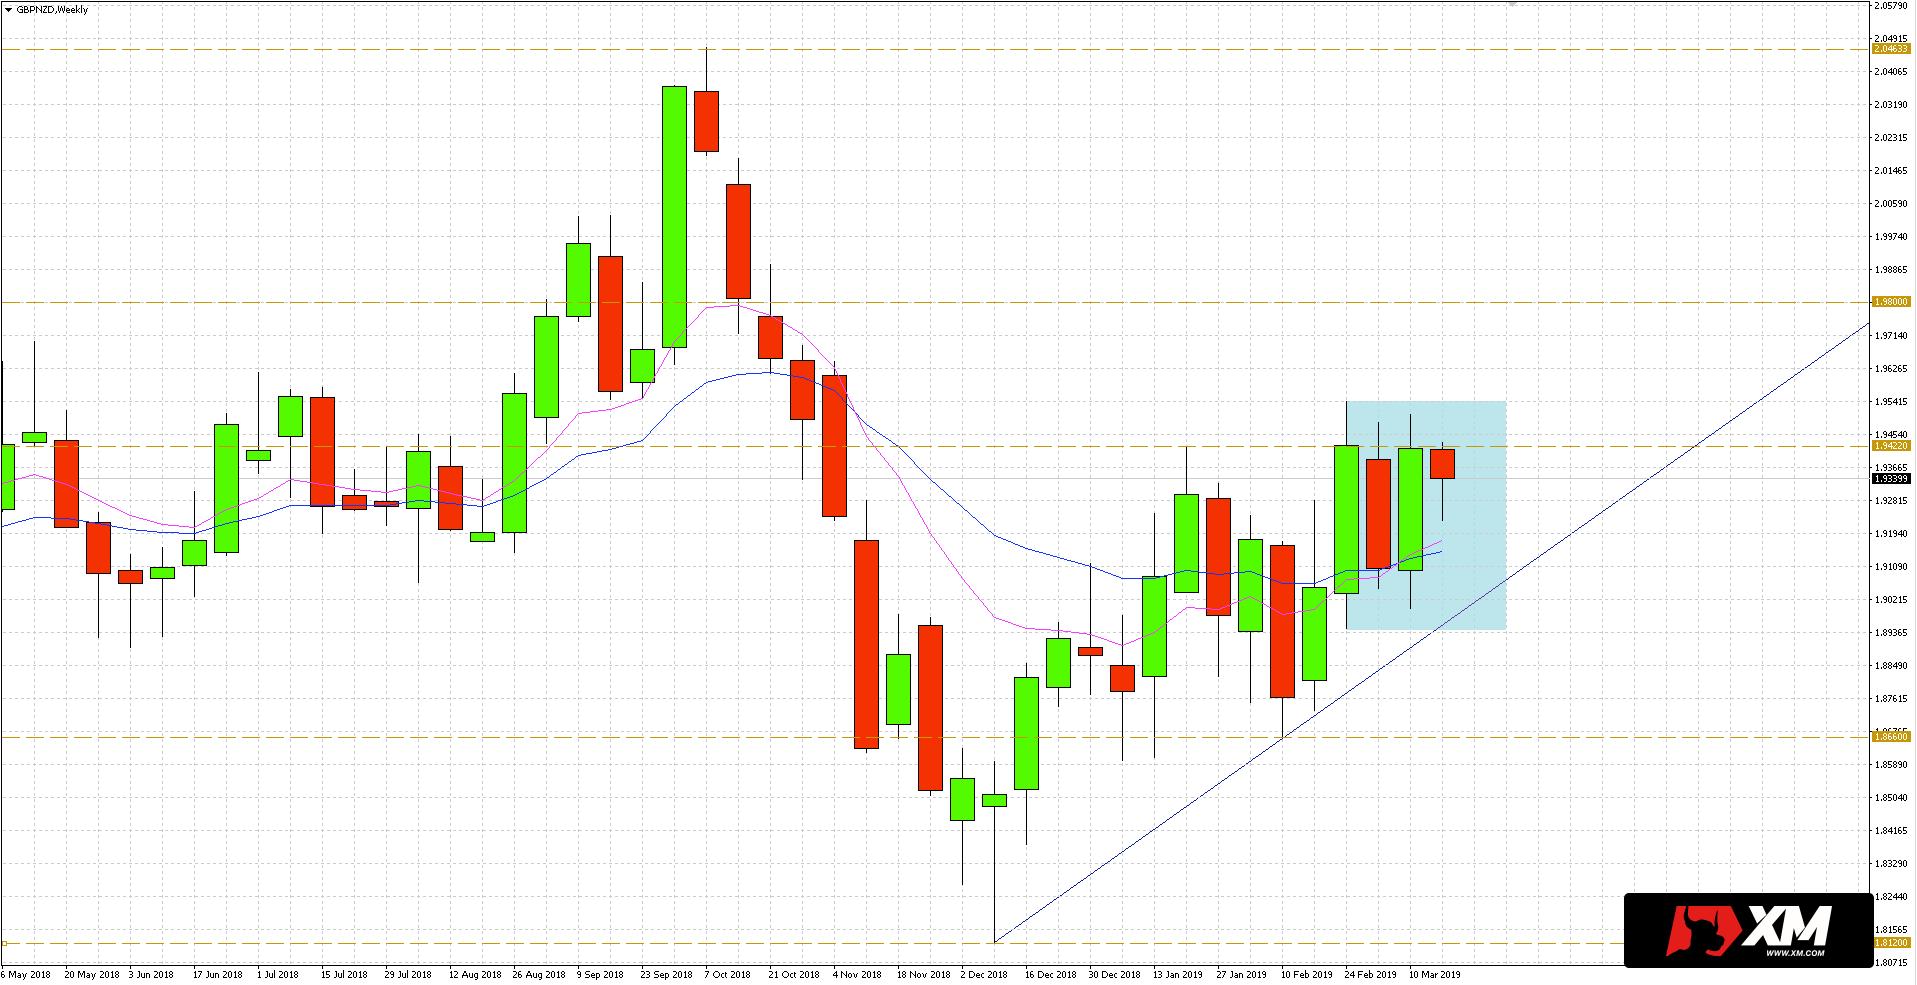 GBP/NZD - wykres tygodniowy - 20 marca 2019